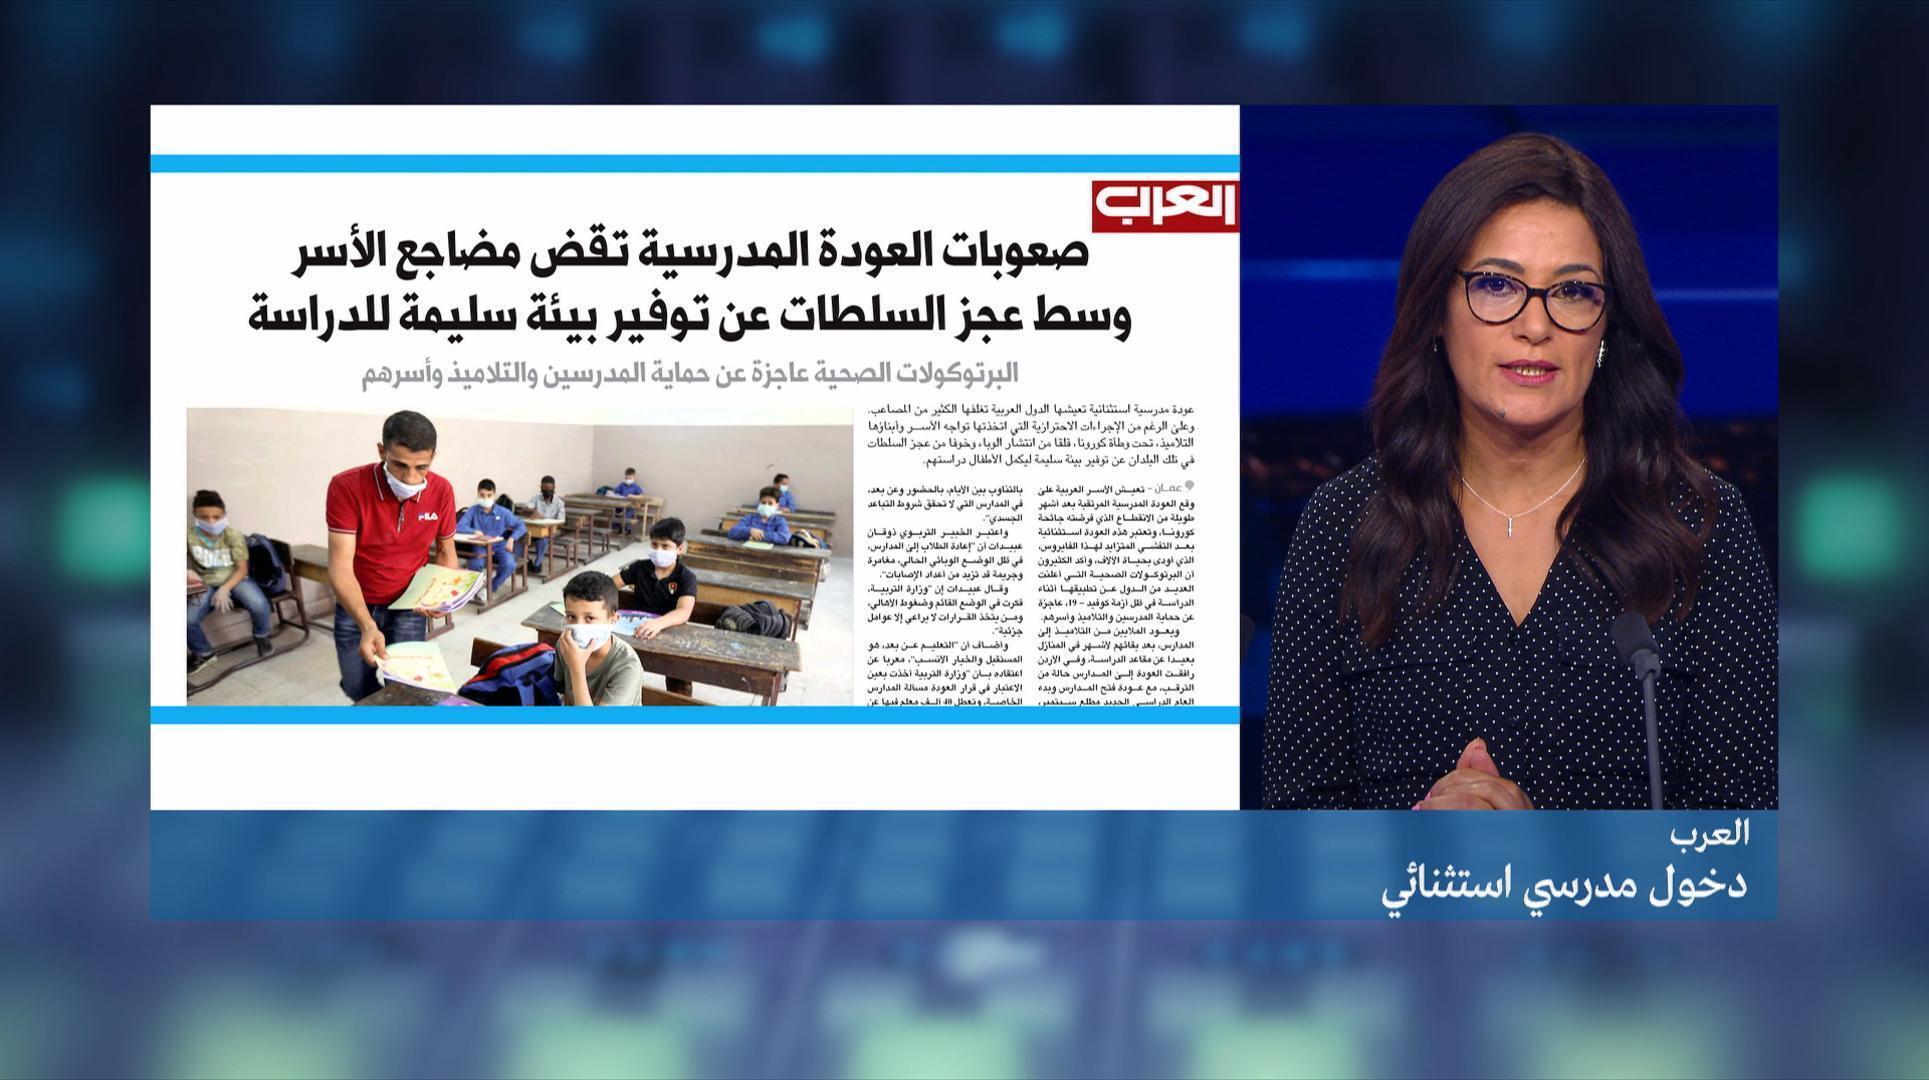 2020-09-02 08:17 قراءة في الصحف